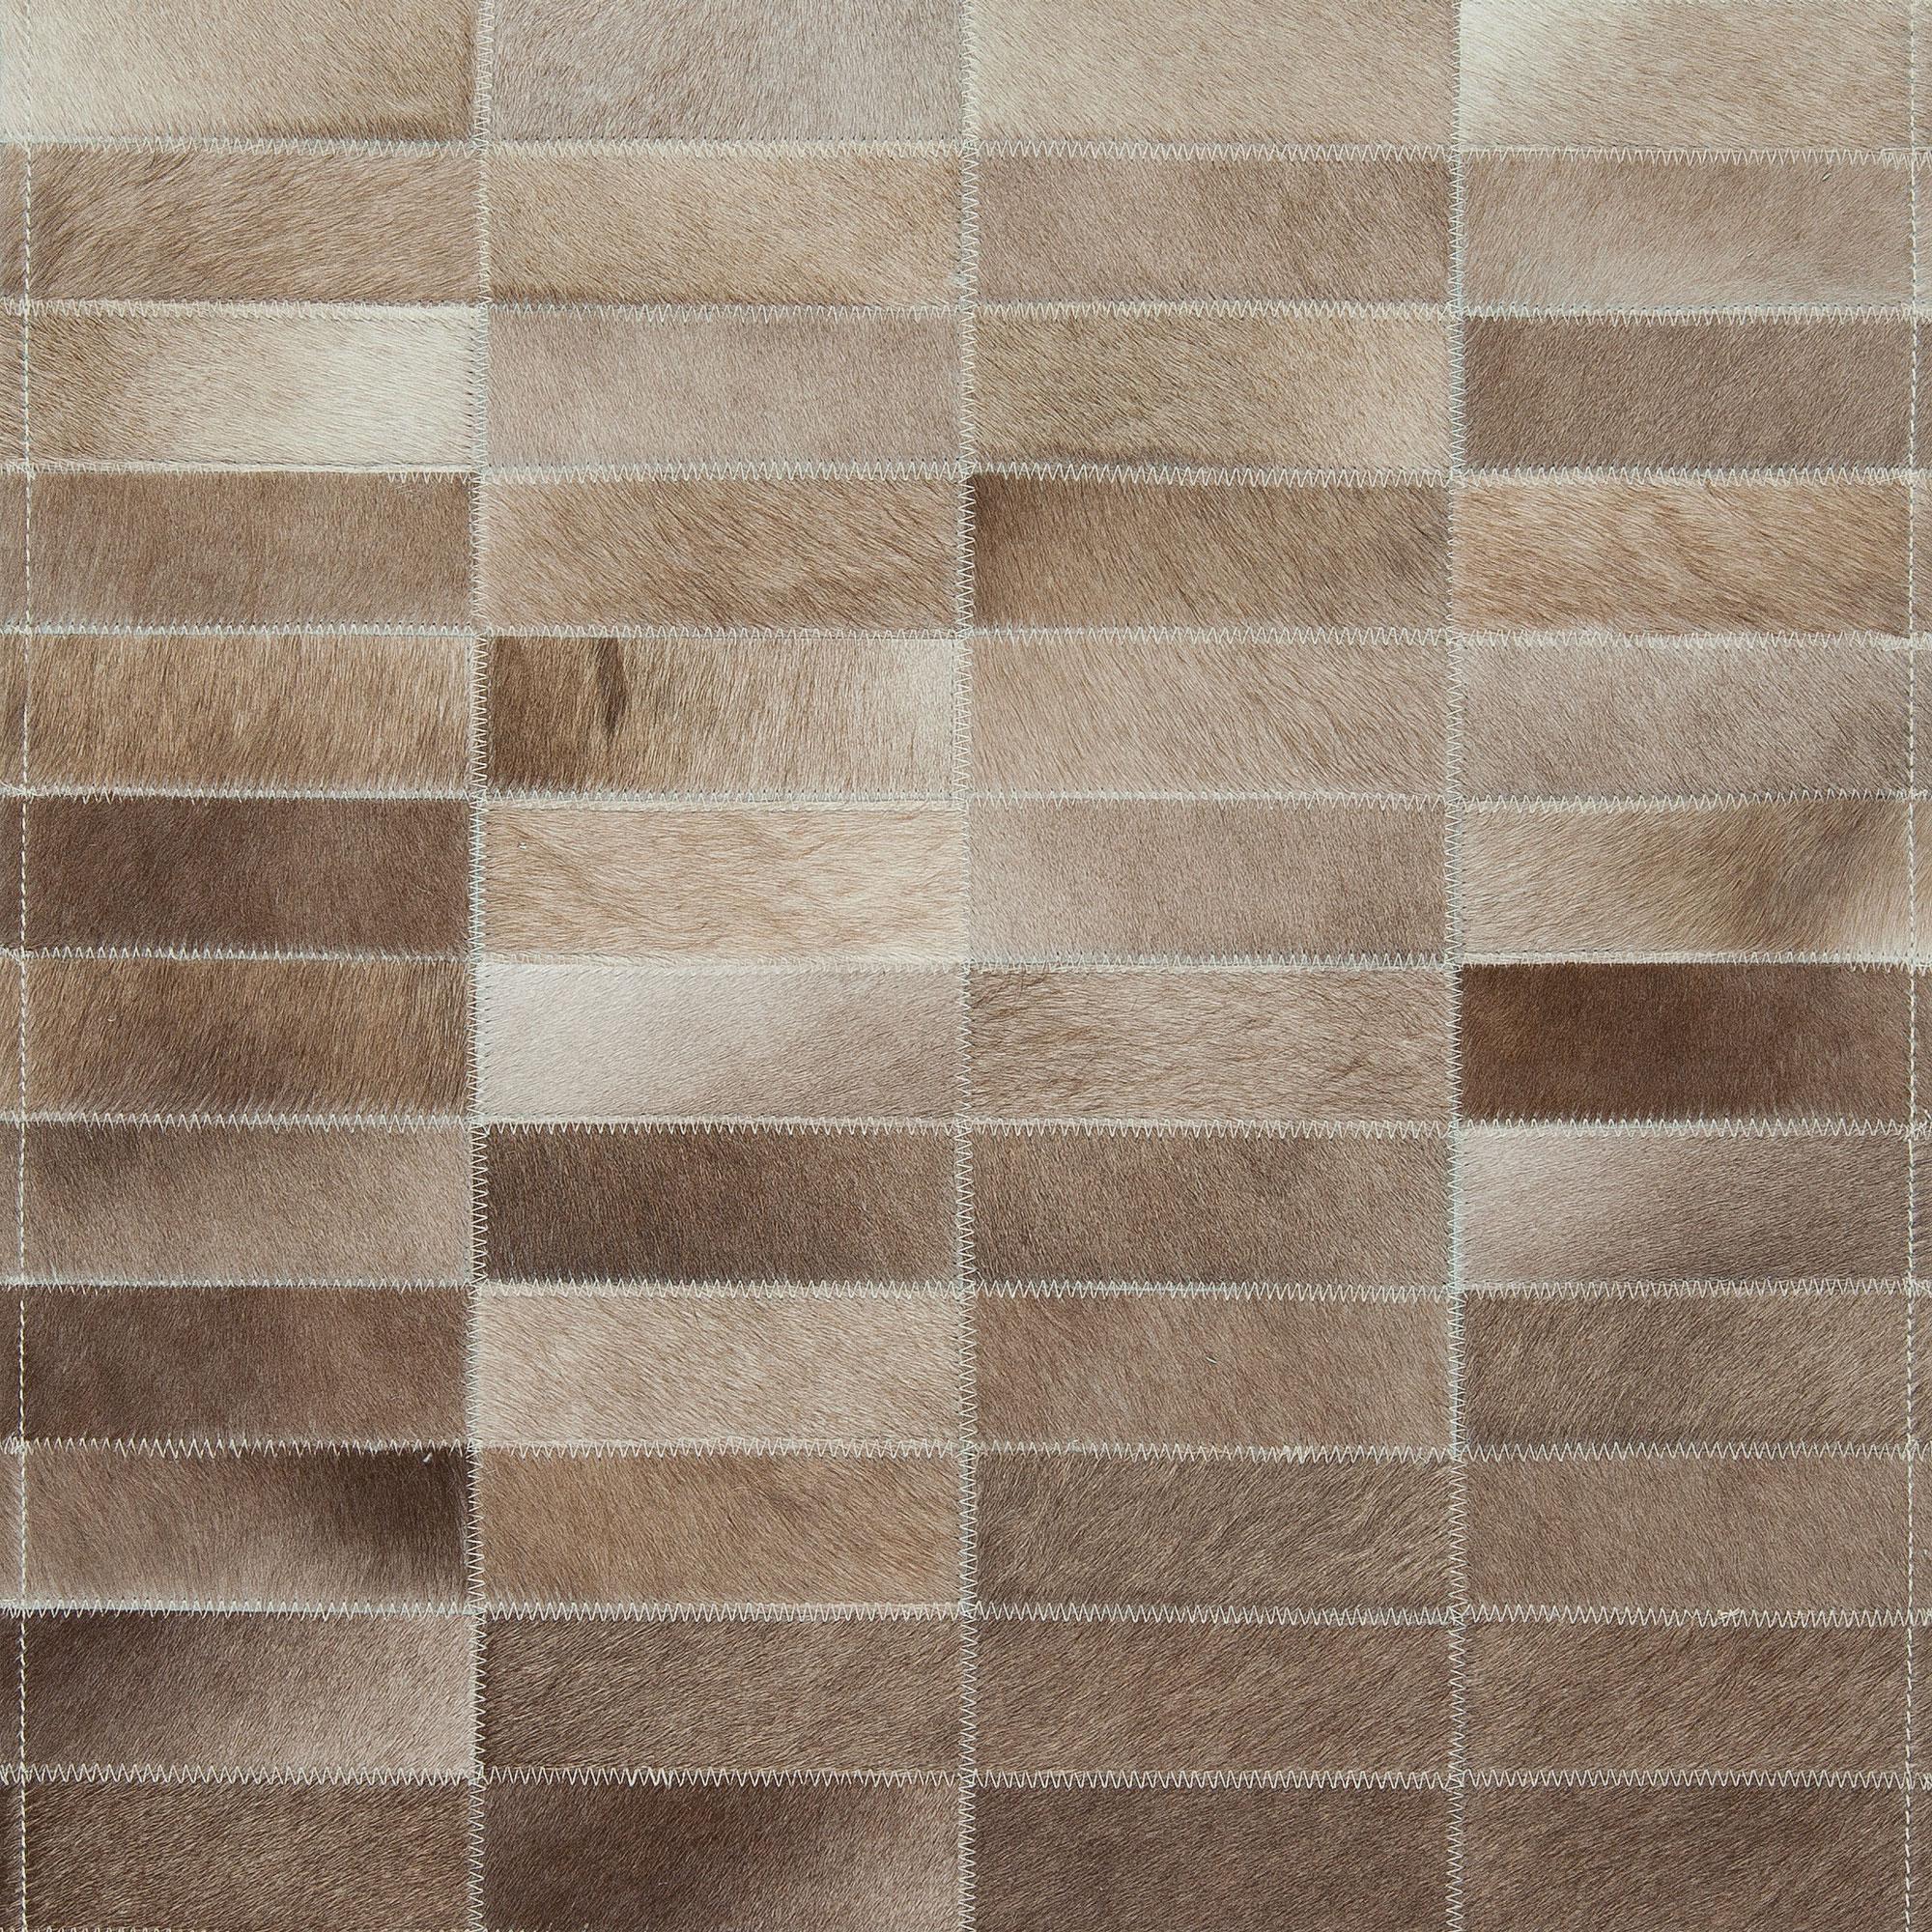 Custom Hair on Hide Rug with Tiles Design S17653